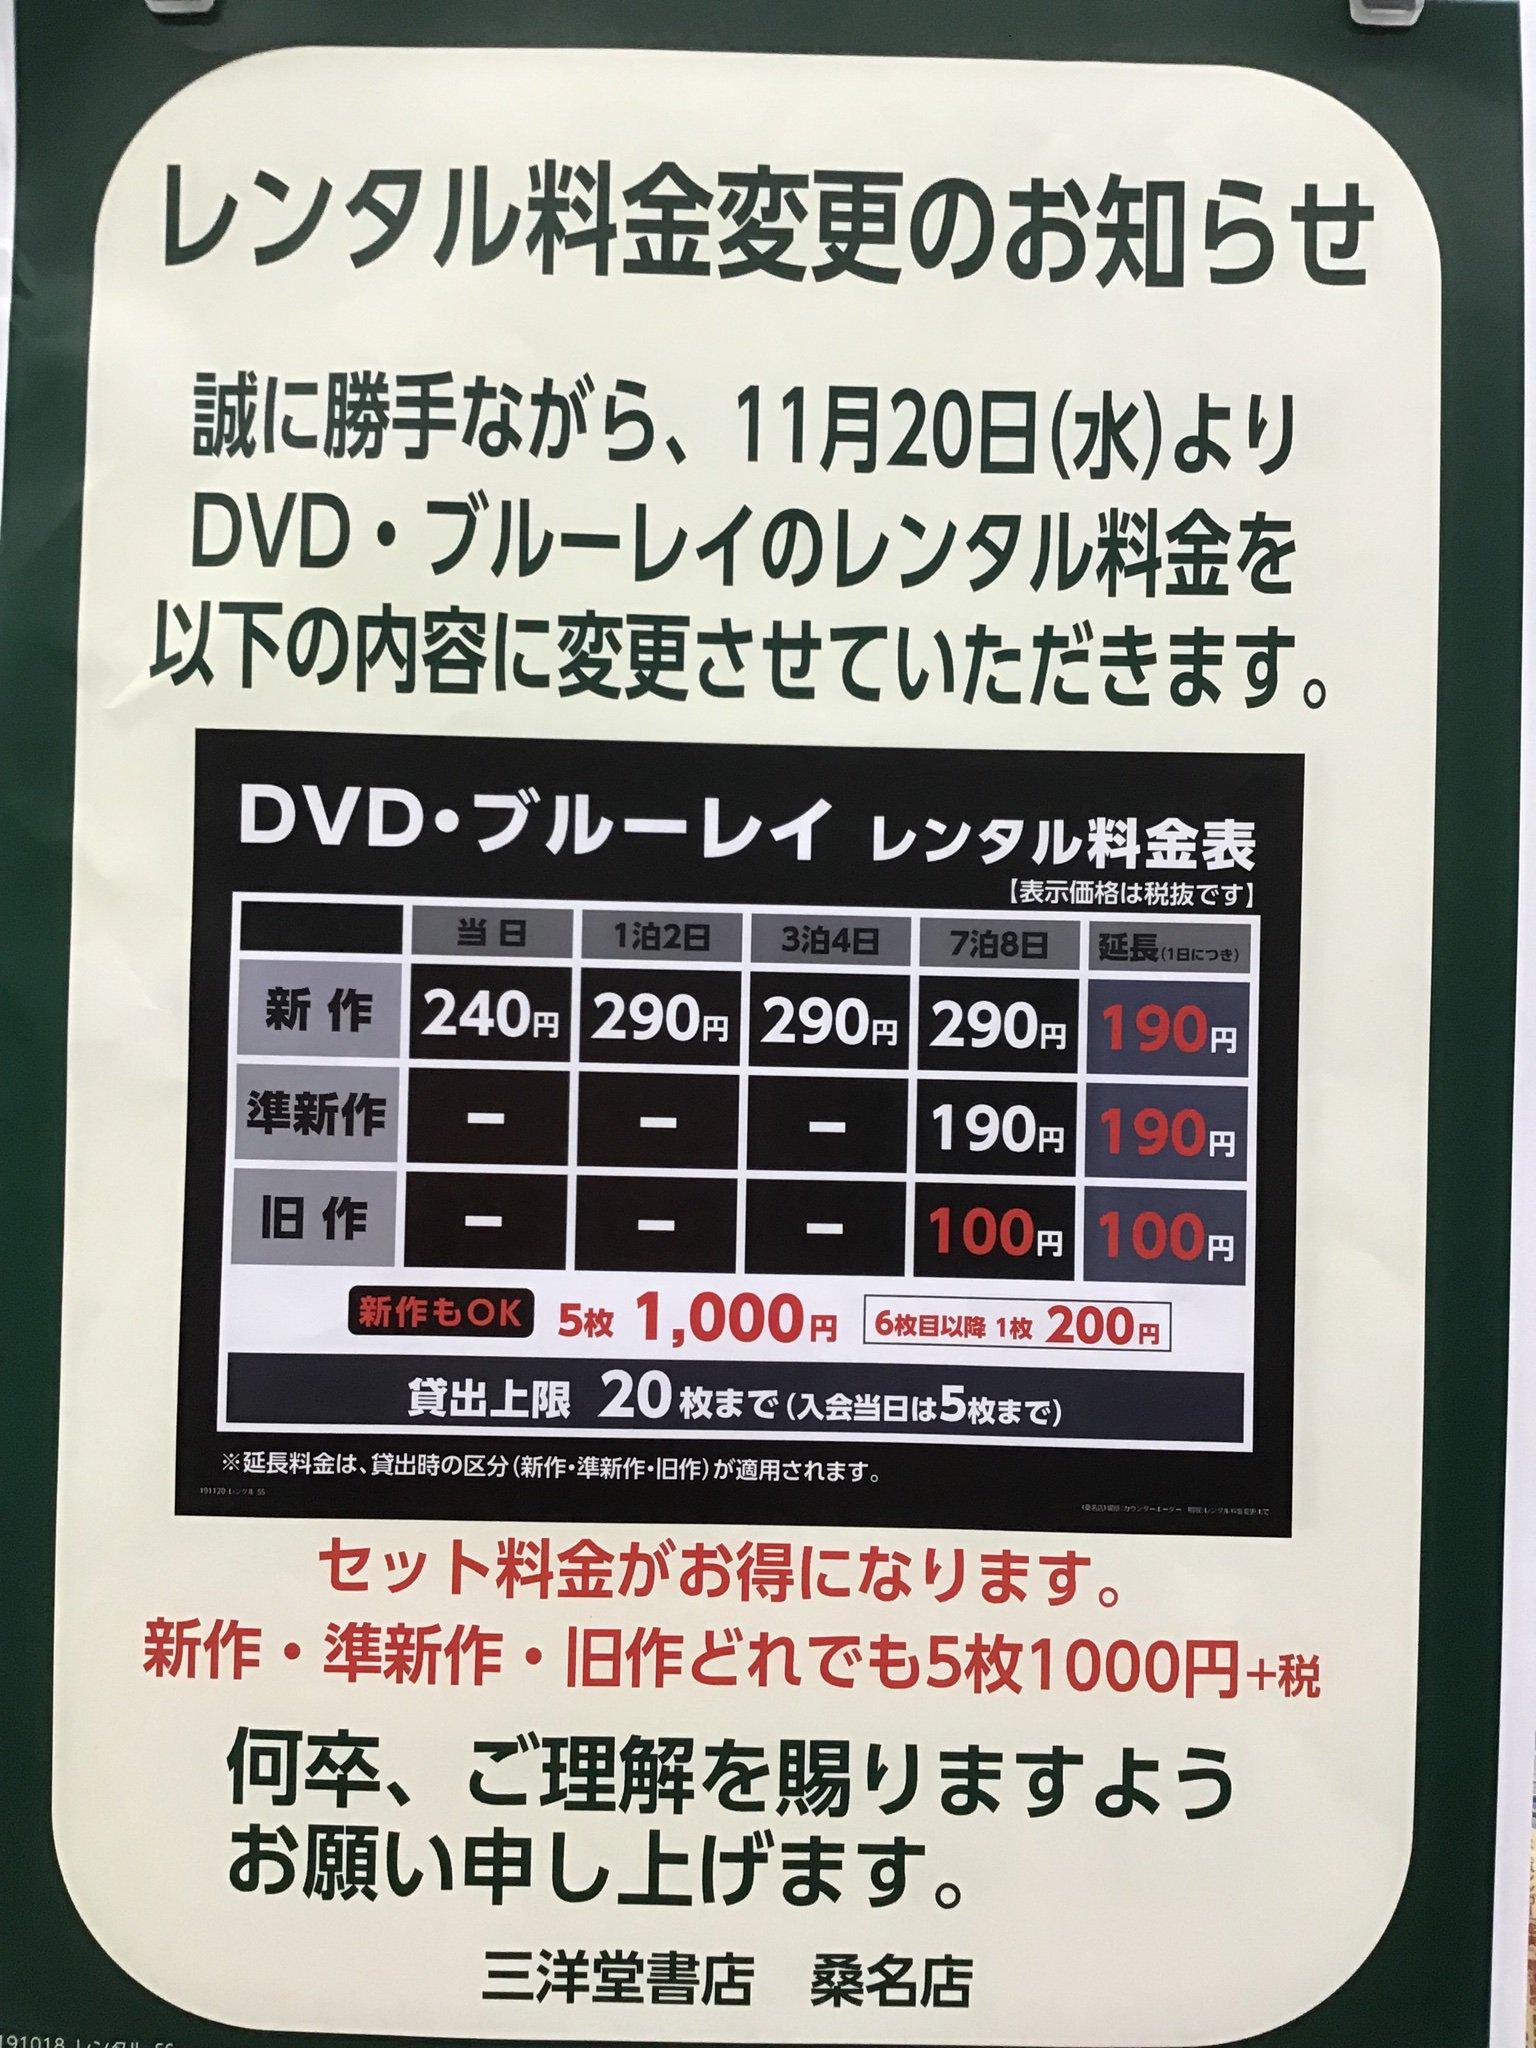 レンタル 新作 dvd